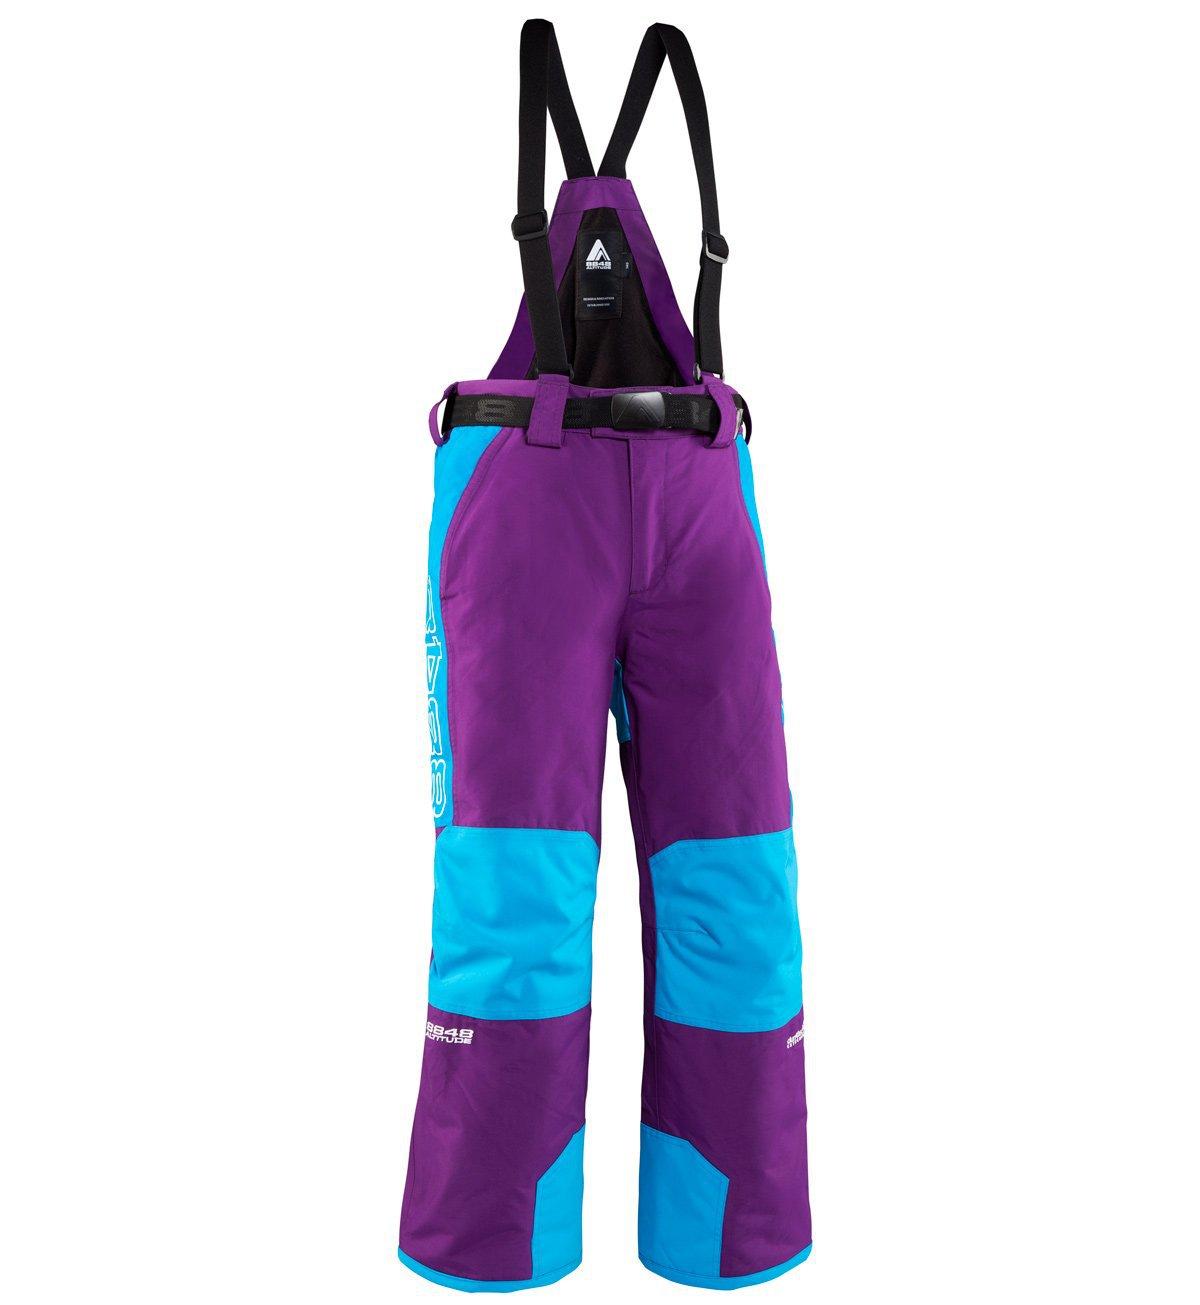 Детские горнолыжные брюки 8848 Altitude Mowat фиолетовые